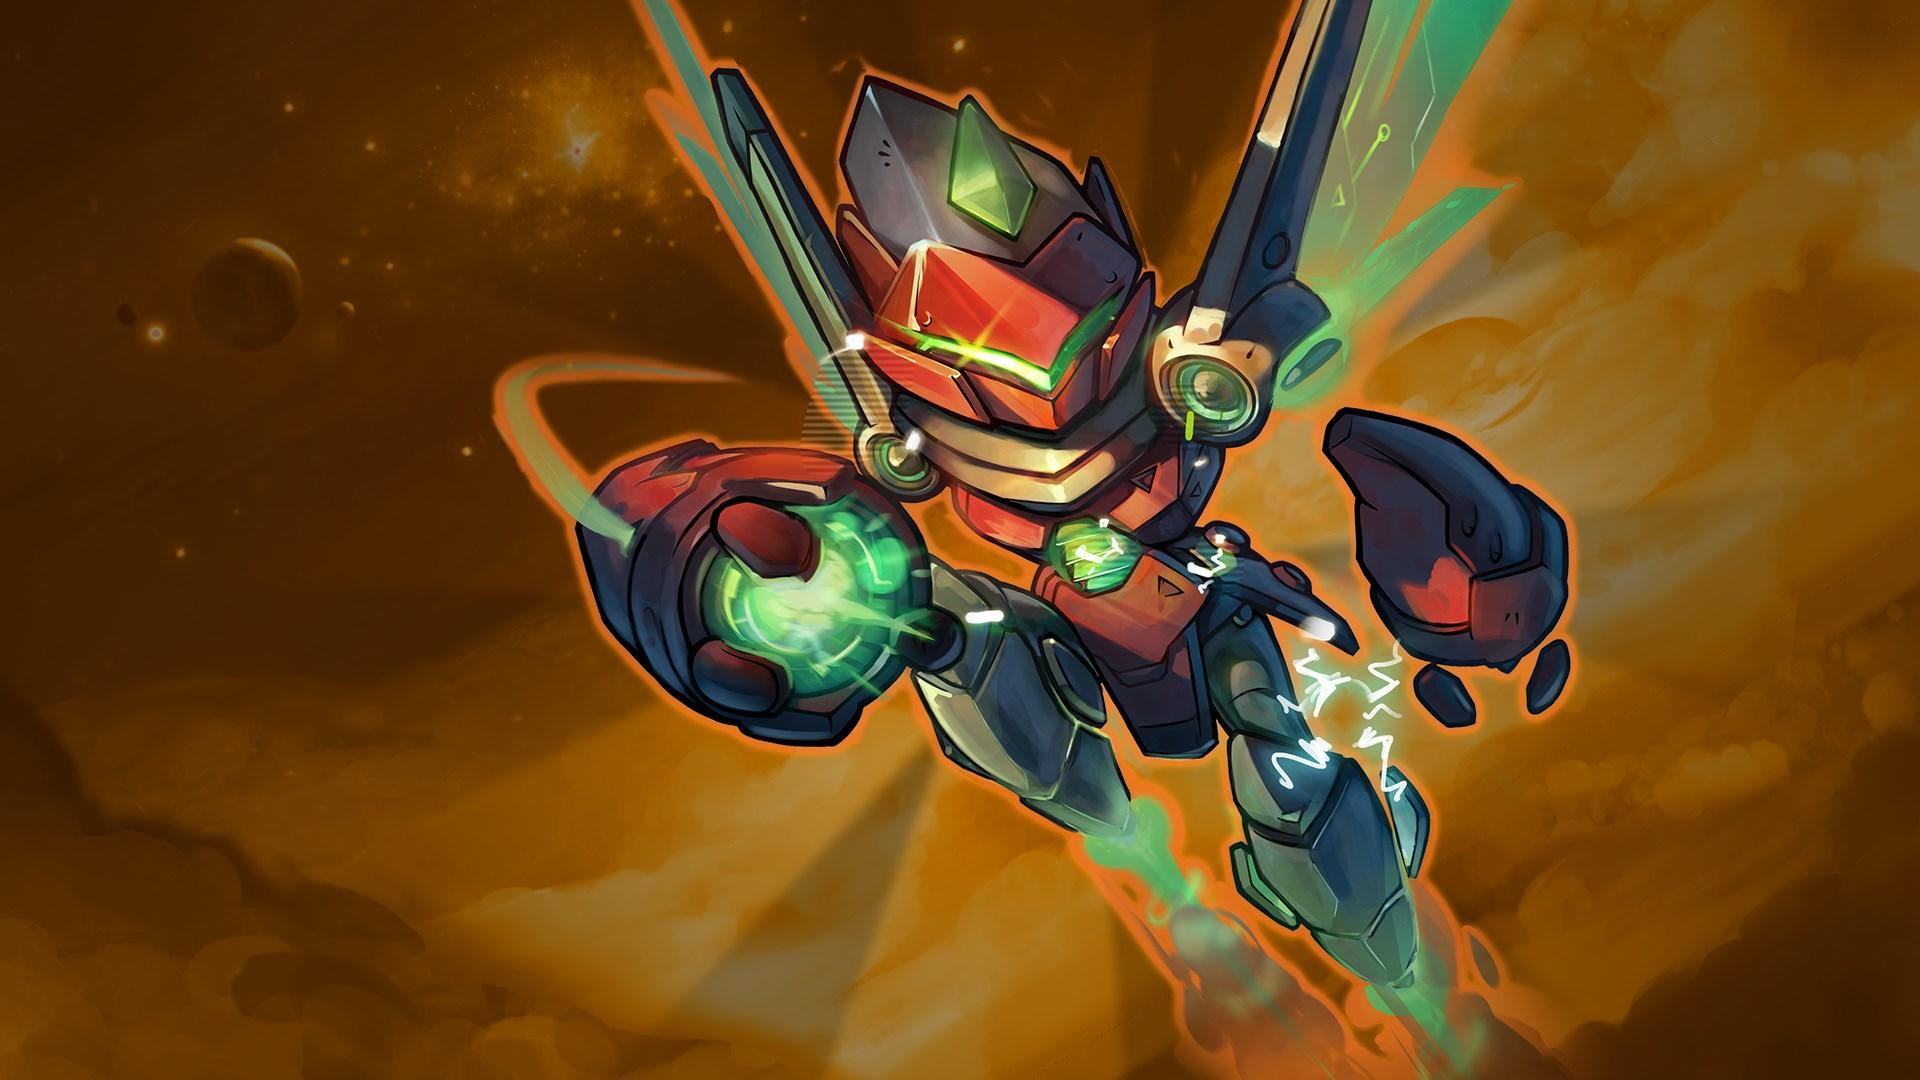 Steel Seraph Ix - Awesomenauts Assemble! Skin